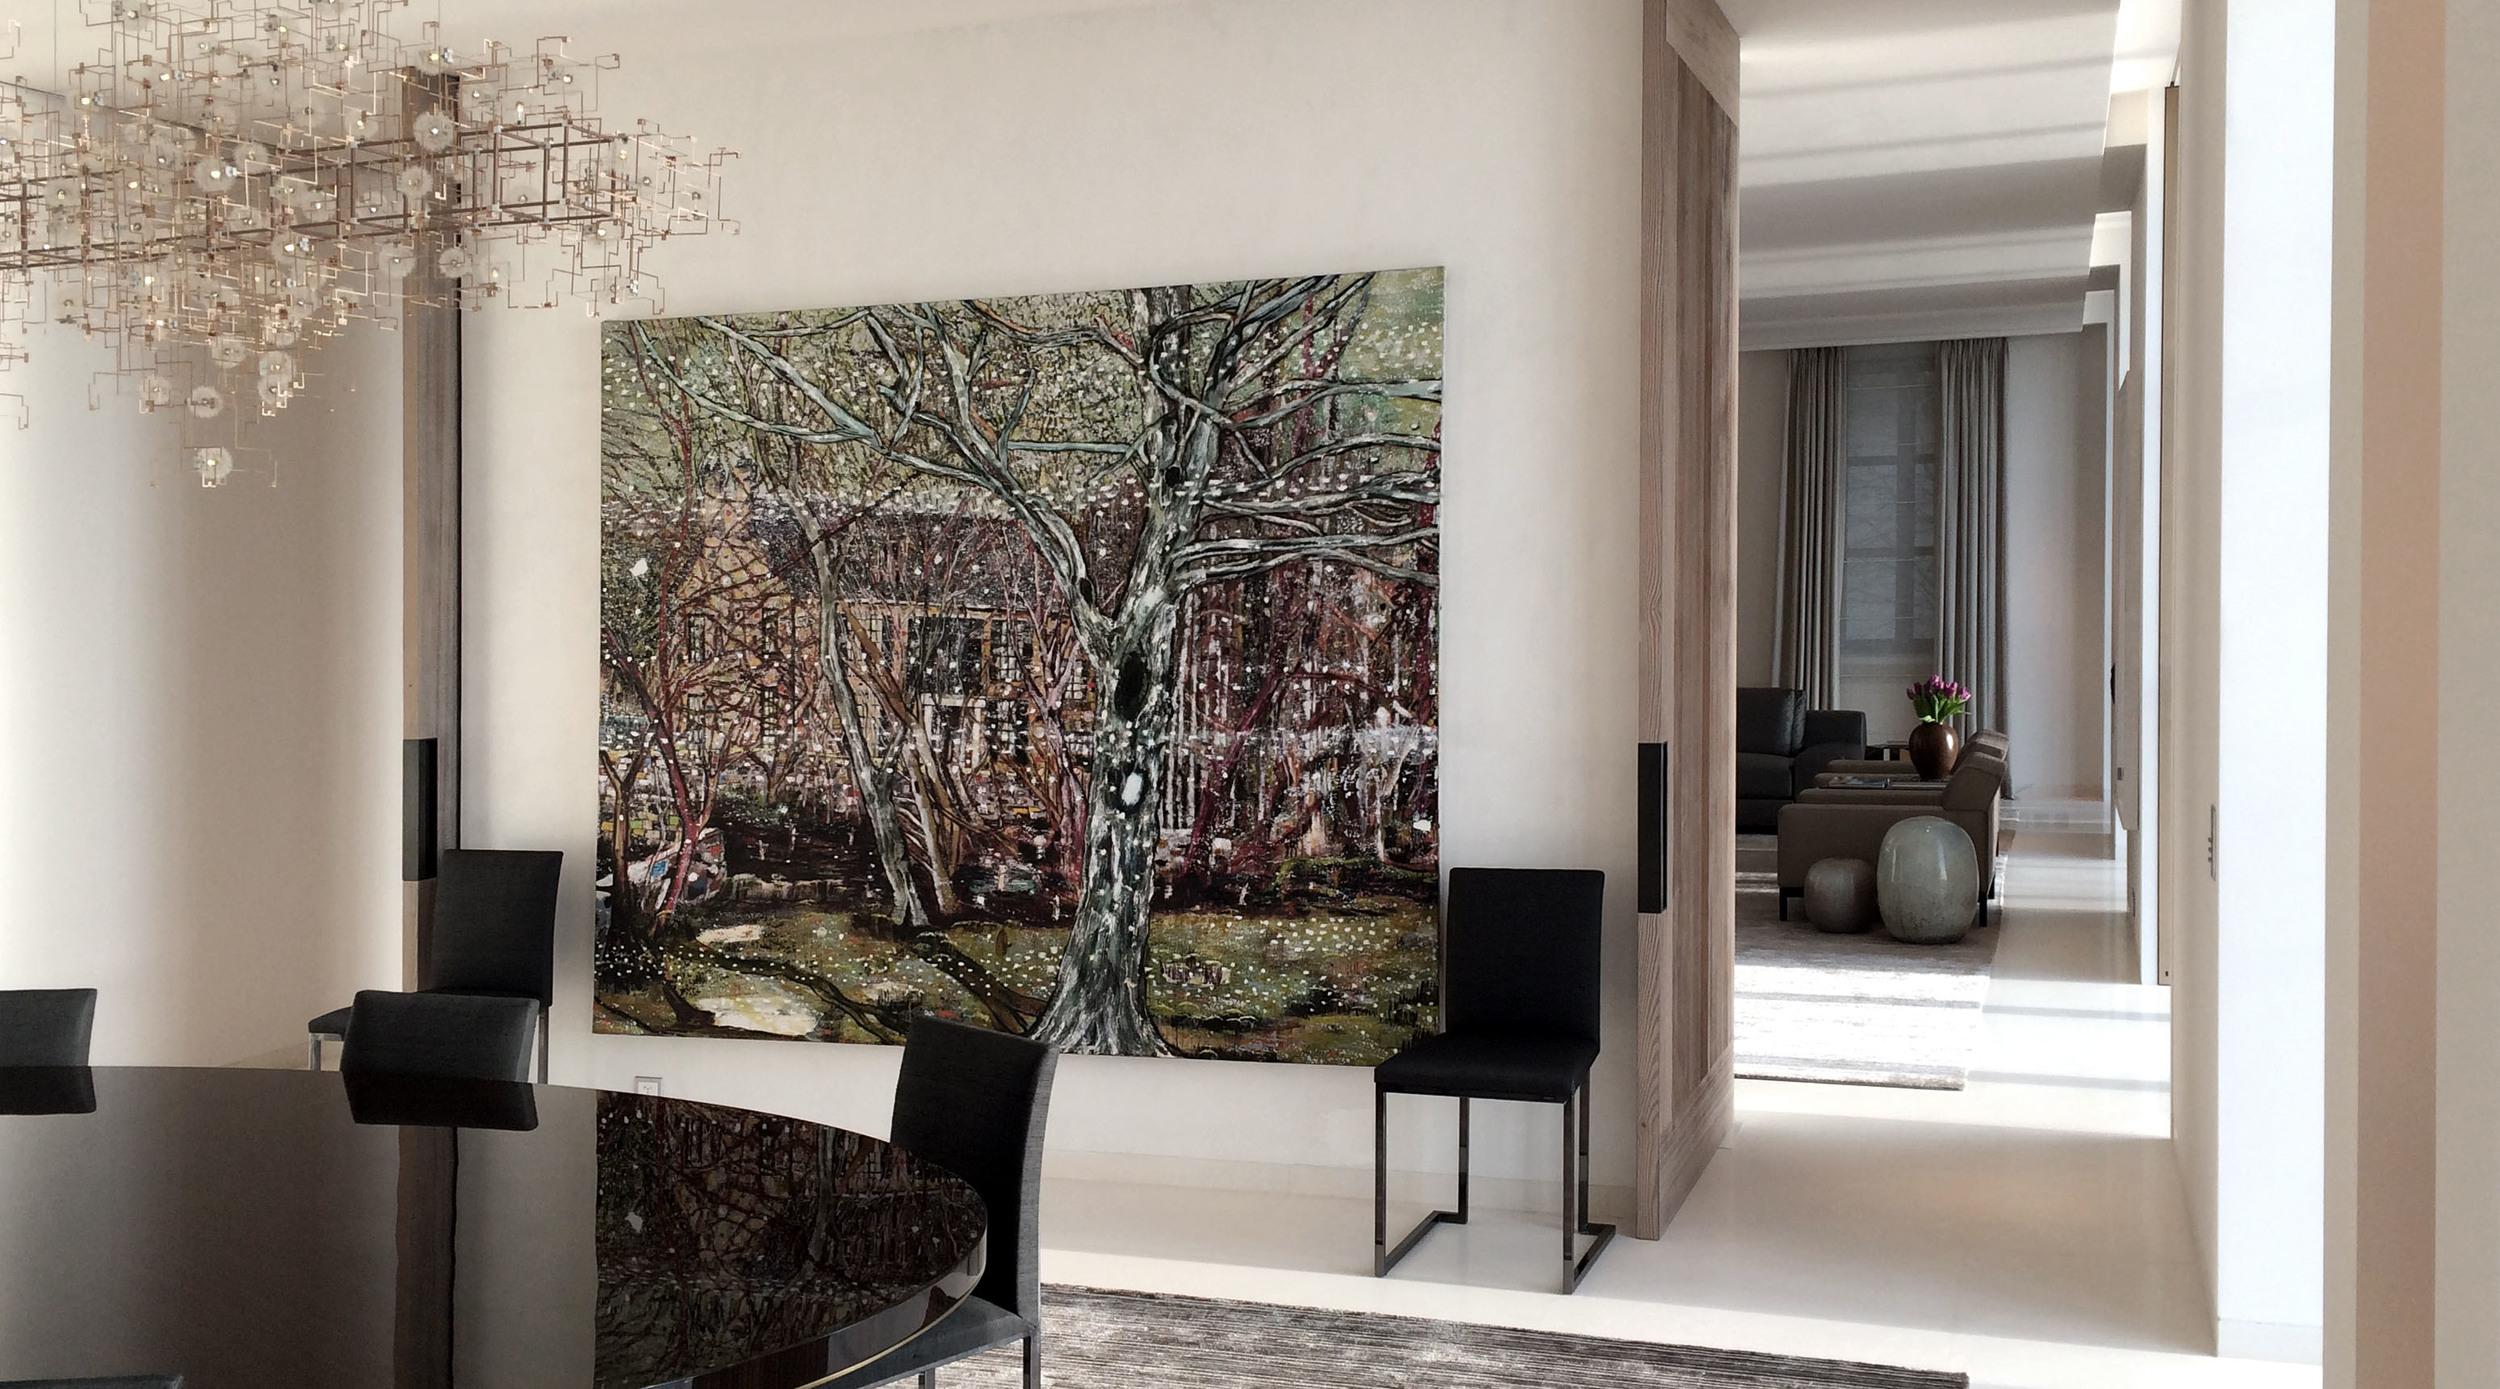 Geneva - Dining Room